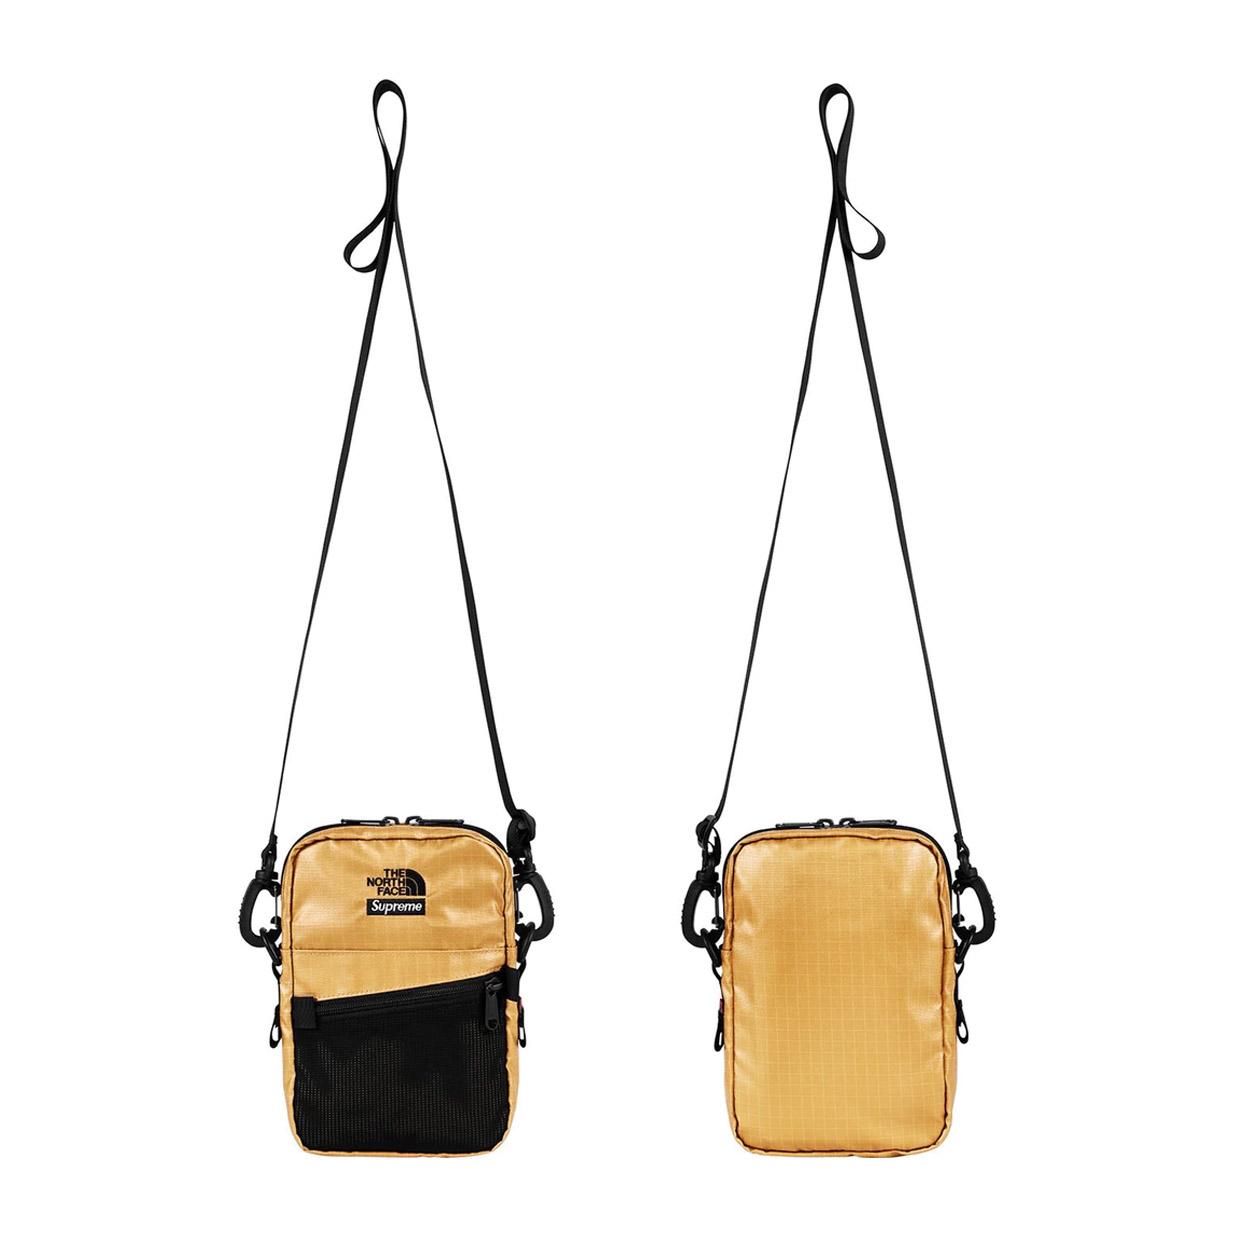 bd9325830 Supreme The North Face Metallic Shoulder Bag Gold